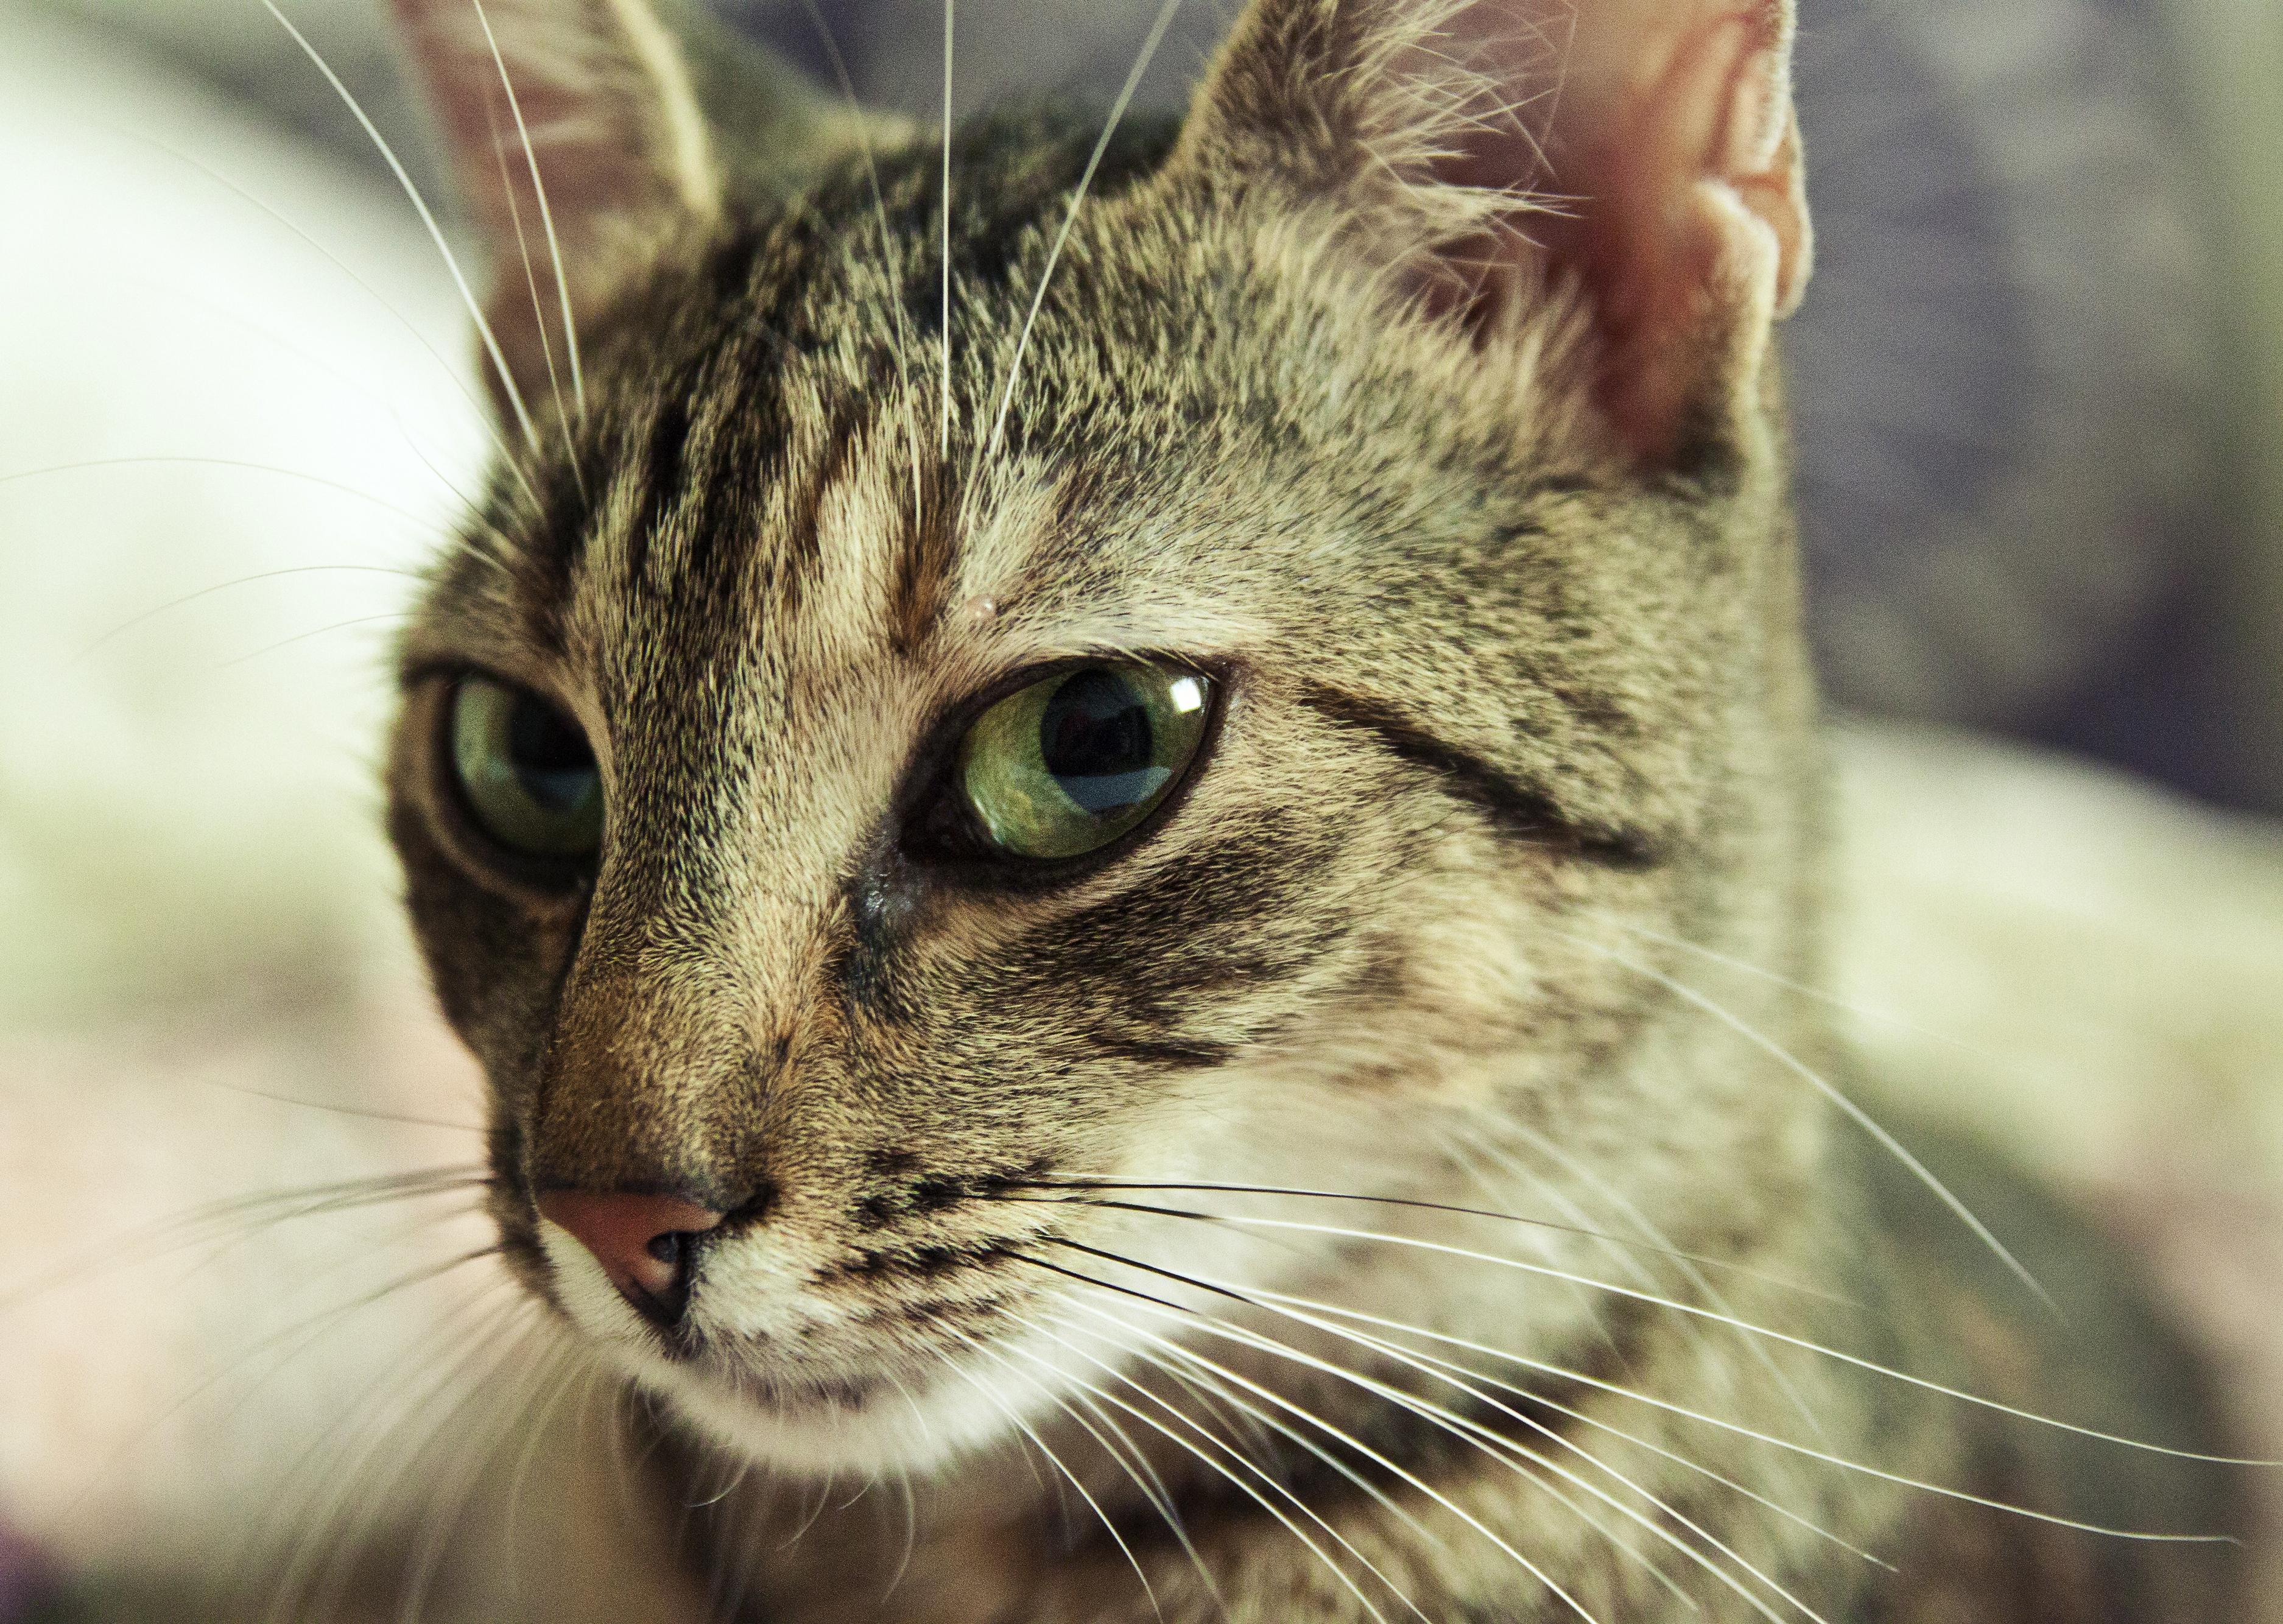 Cat, Head, HQ Photo